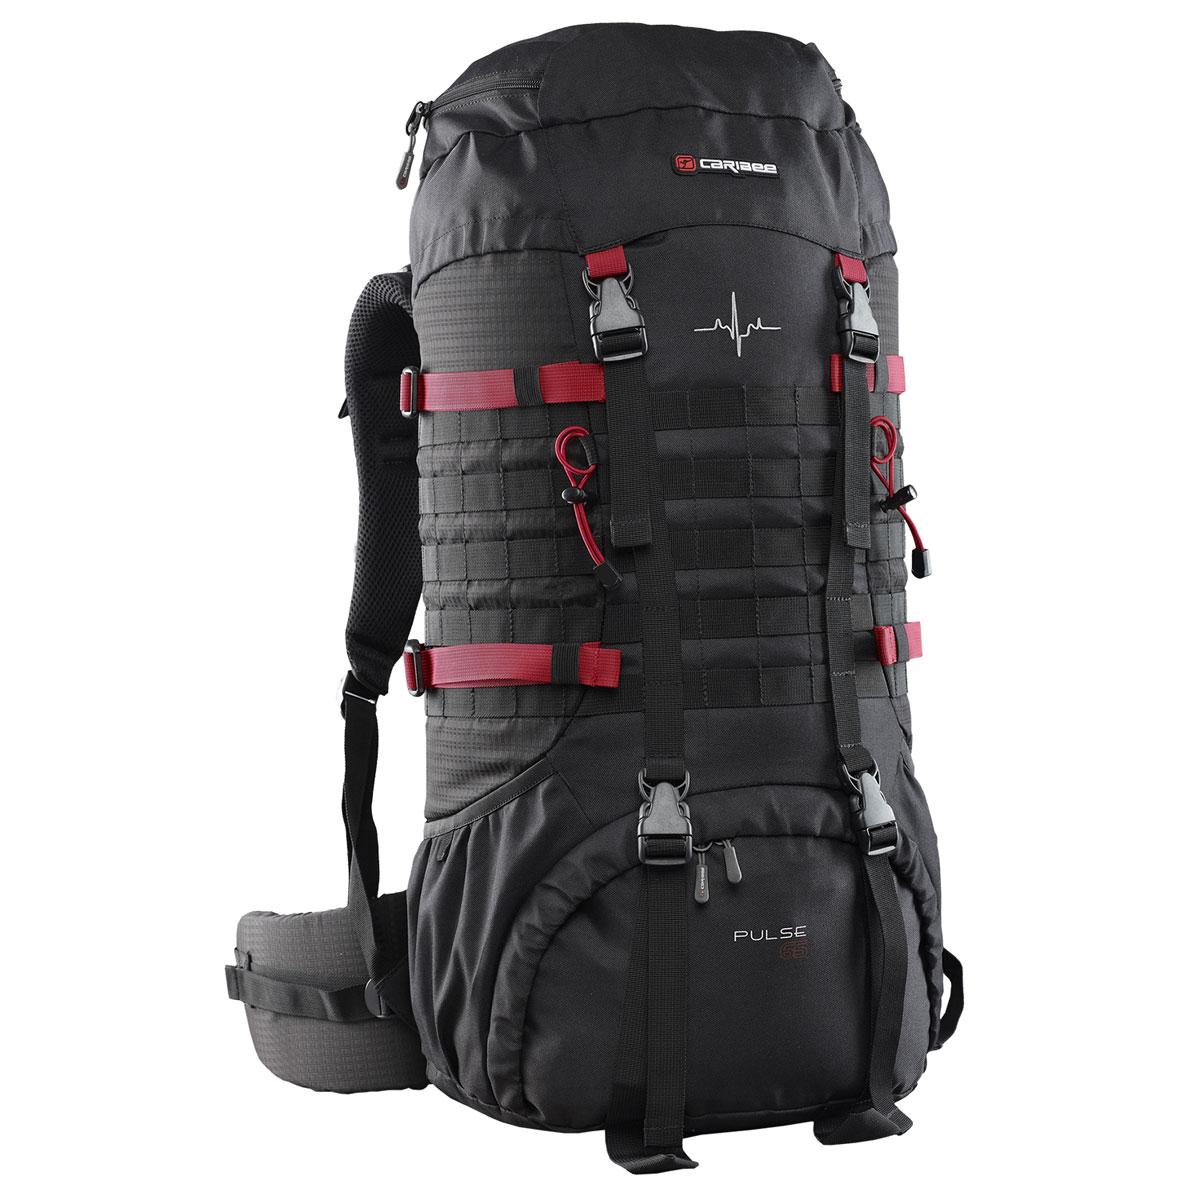 Рюкзак туристический Caribee Pulse, 65 л6612Универсальный рюкзак Caribee Pulse, который идеально подходит для пешего туризма, альпинизма и треккинга. Особенности модели:- боковые стяжки служат для фиксации содержимого рюкзака,- рюкзак оснащён двумя боковыми открытыми карманами,- дополнительно рюкзак оборудован модульной системой molle для навеса дополнительного оборудования,- лямки увеличенного размера в нижней части рюкзака предназначены для крепления дополнительного оборудования,- фронтальный вход в нижней части рюкзака можно изолировать от основного отделения посредством стяжек,- изготовлен рюкзак из полиэстера, поэтому рюкзак стоек к износу и истиранию, не впитывает влагу и не разрушается под действием ультрафиолетового излучения,- рюкзак совместим с питьевой системой.Что взять с собой в поход?. Статья OZON Гид